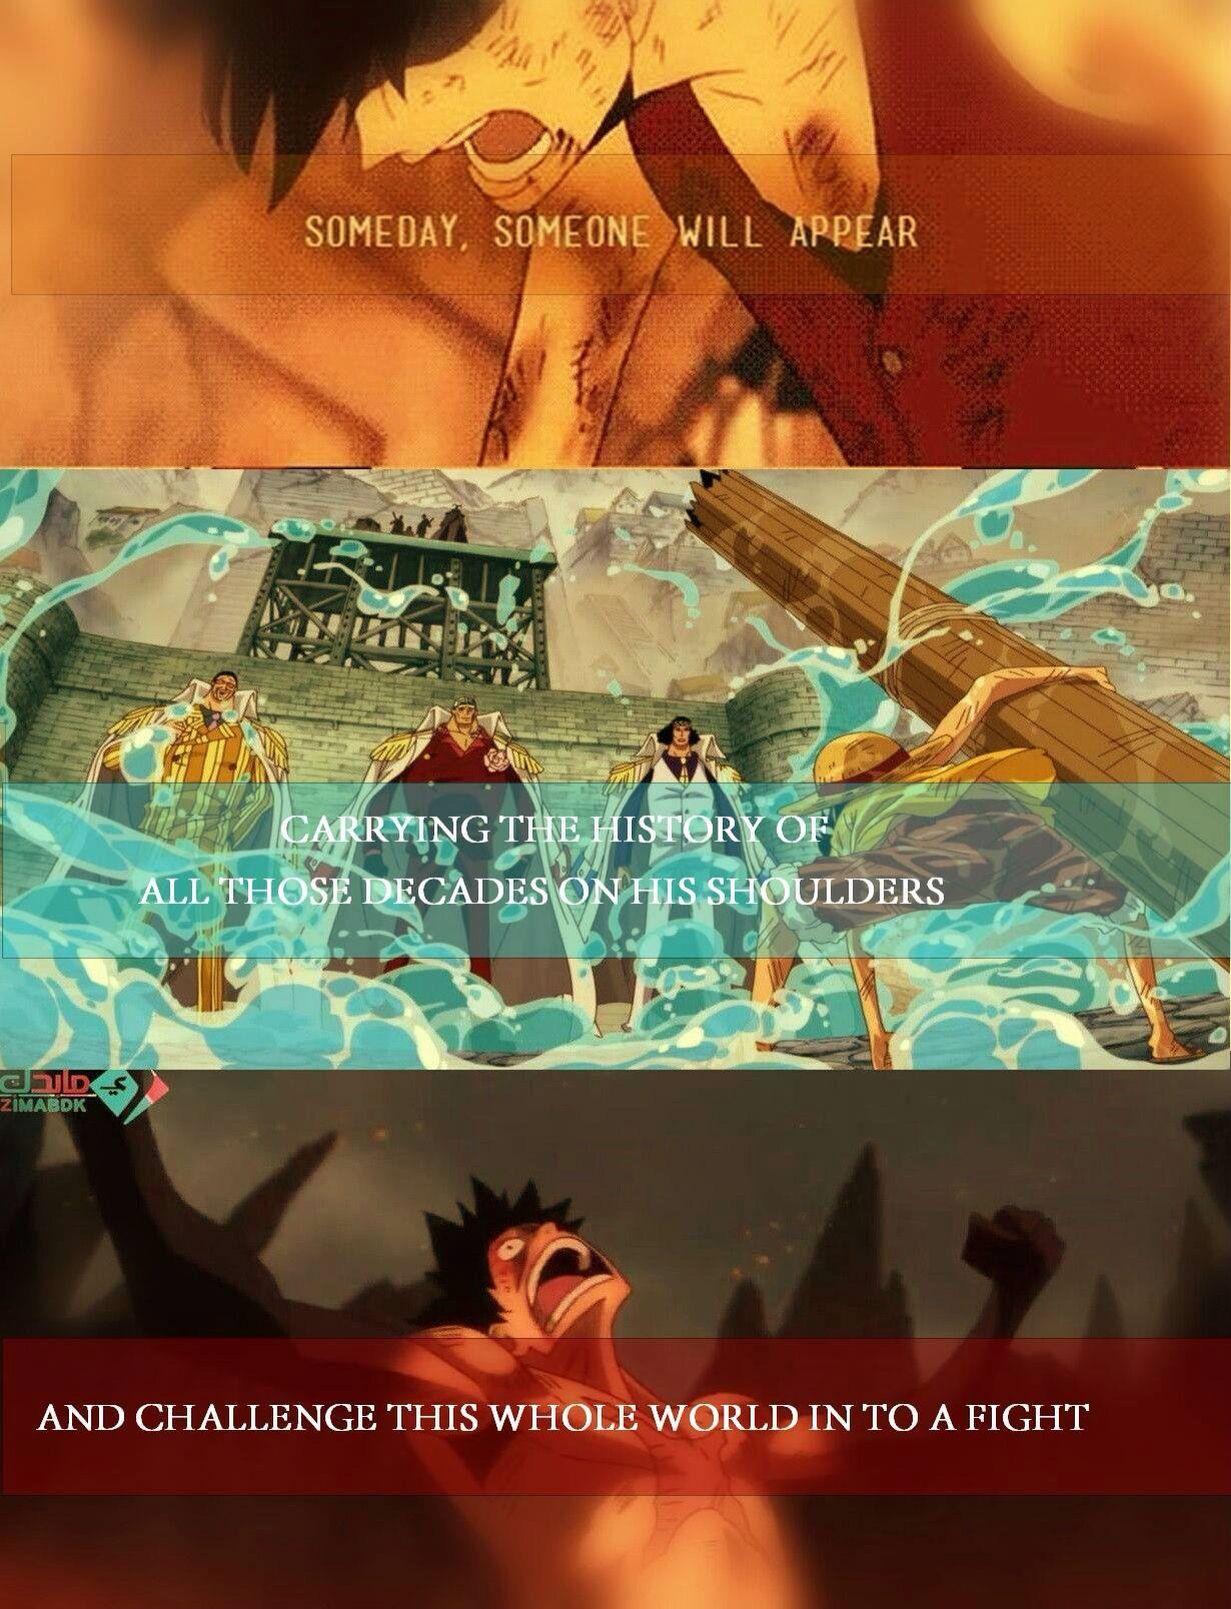 Un Jour Quelqu Un Apparaitra Portant L Histoire De Ces Dernieres Decenies Sur Ses Epaules Et Defiera Le M One Piece Quotes One Piece Anime One Piece Luffy